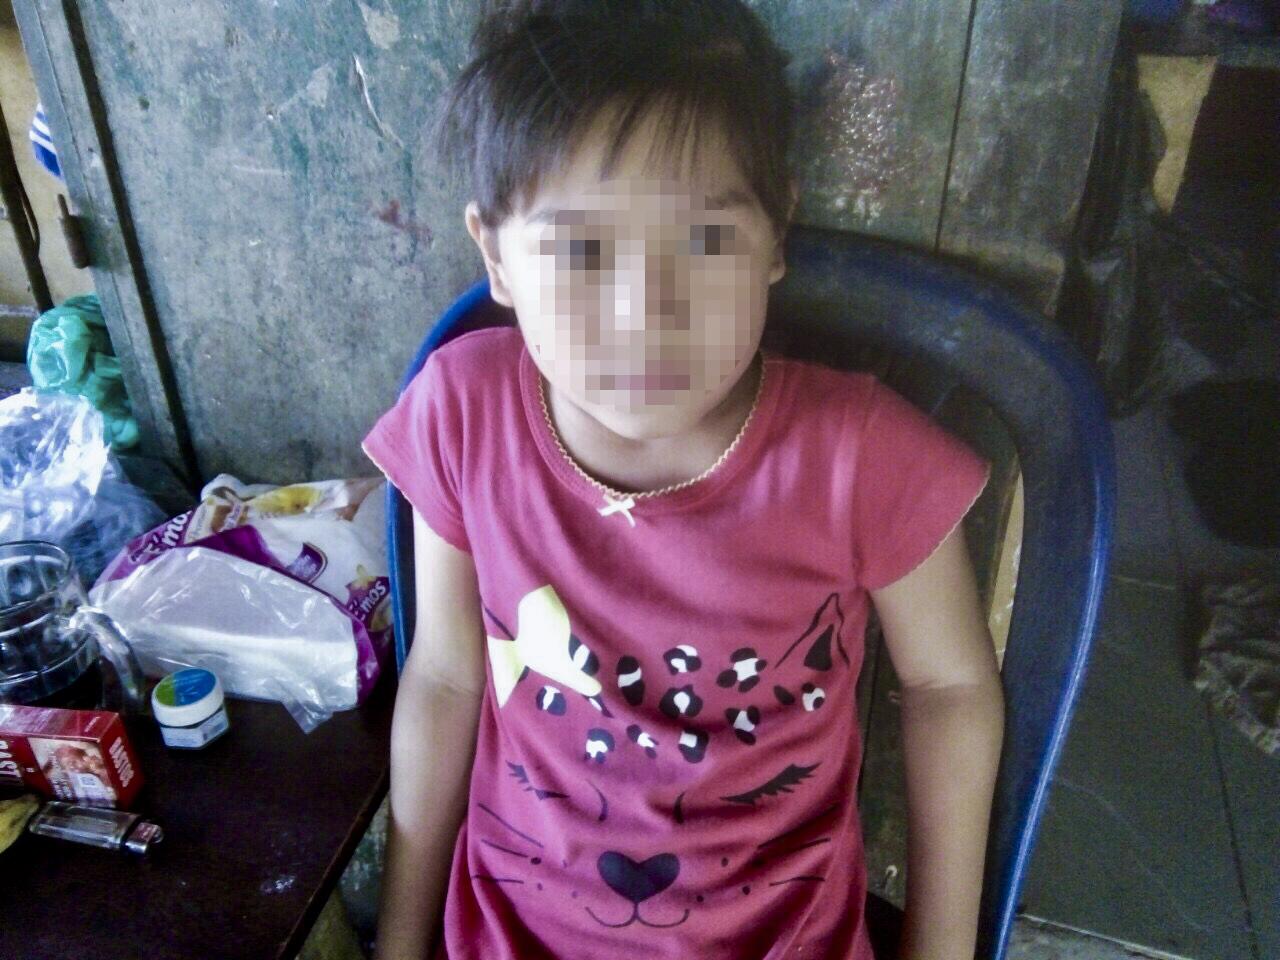 Kỳ 373: Nguyễn Thị Thùy Trang (Sinh Năm 2008) Quê Quảng Nam, Đục Thủy Tinh Thể, Hỗ Trợ 9.000.000 Đồng Ngày 06/06/2018